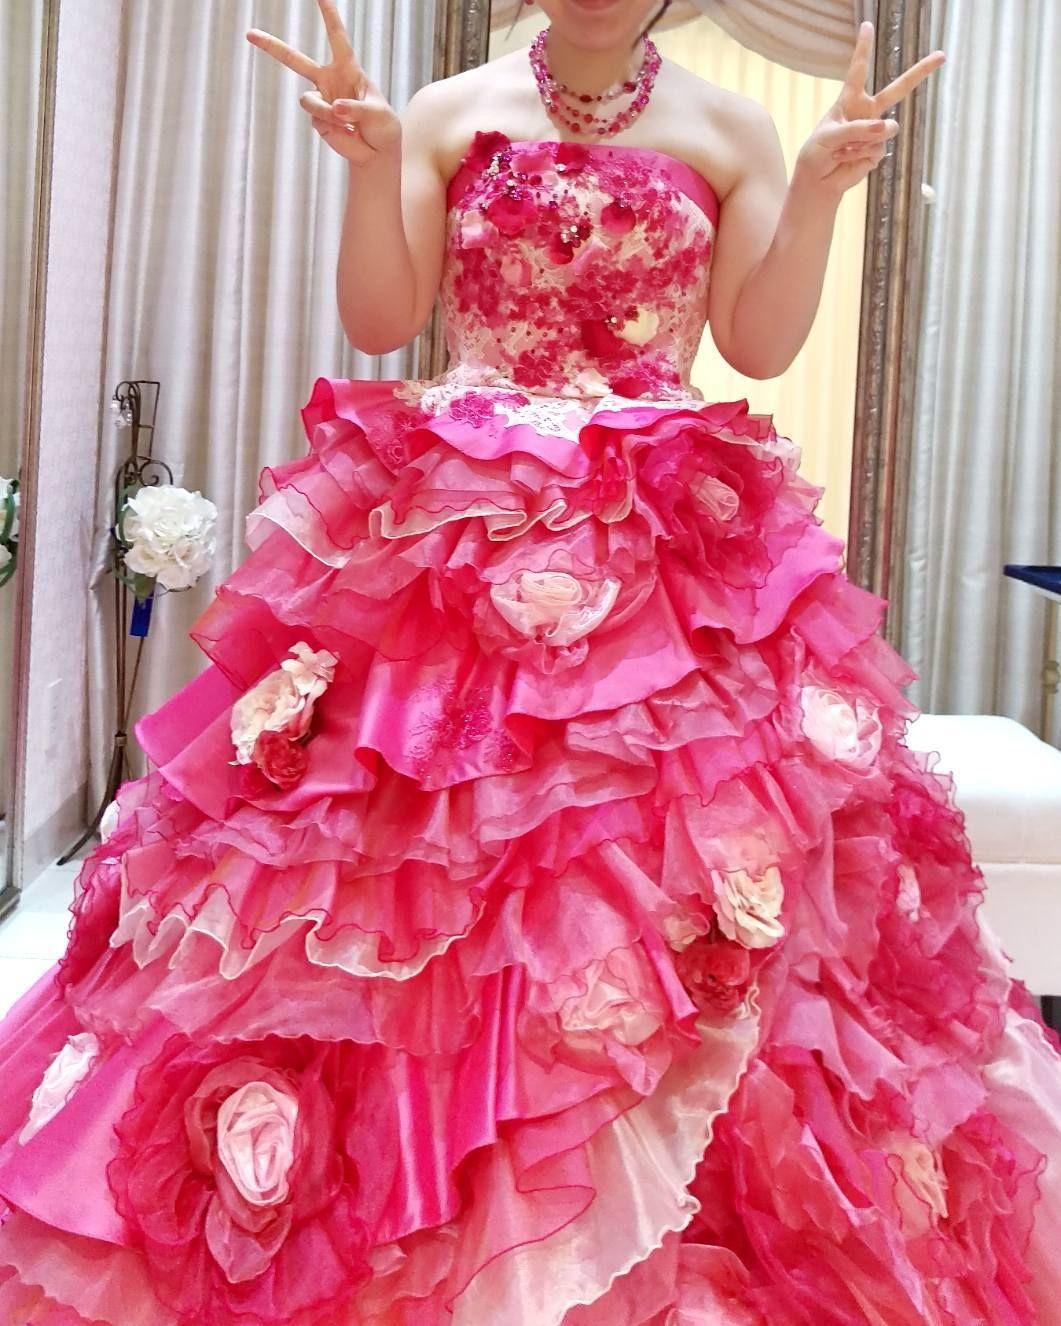 綺麗なチェリーピンクでした ドレス試着 カラードレス アニヴェルセル アニヴェルセル